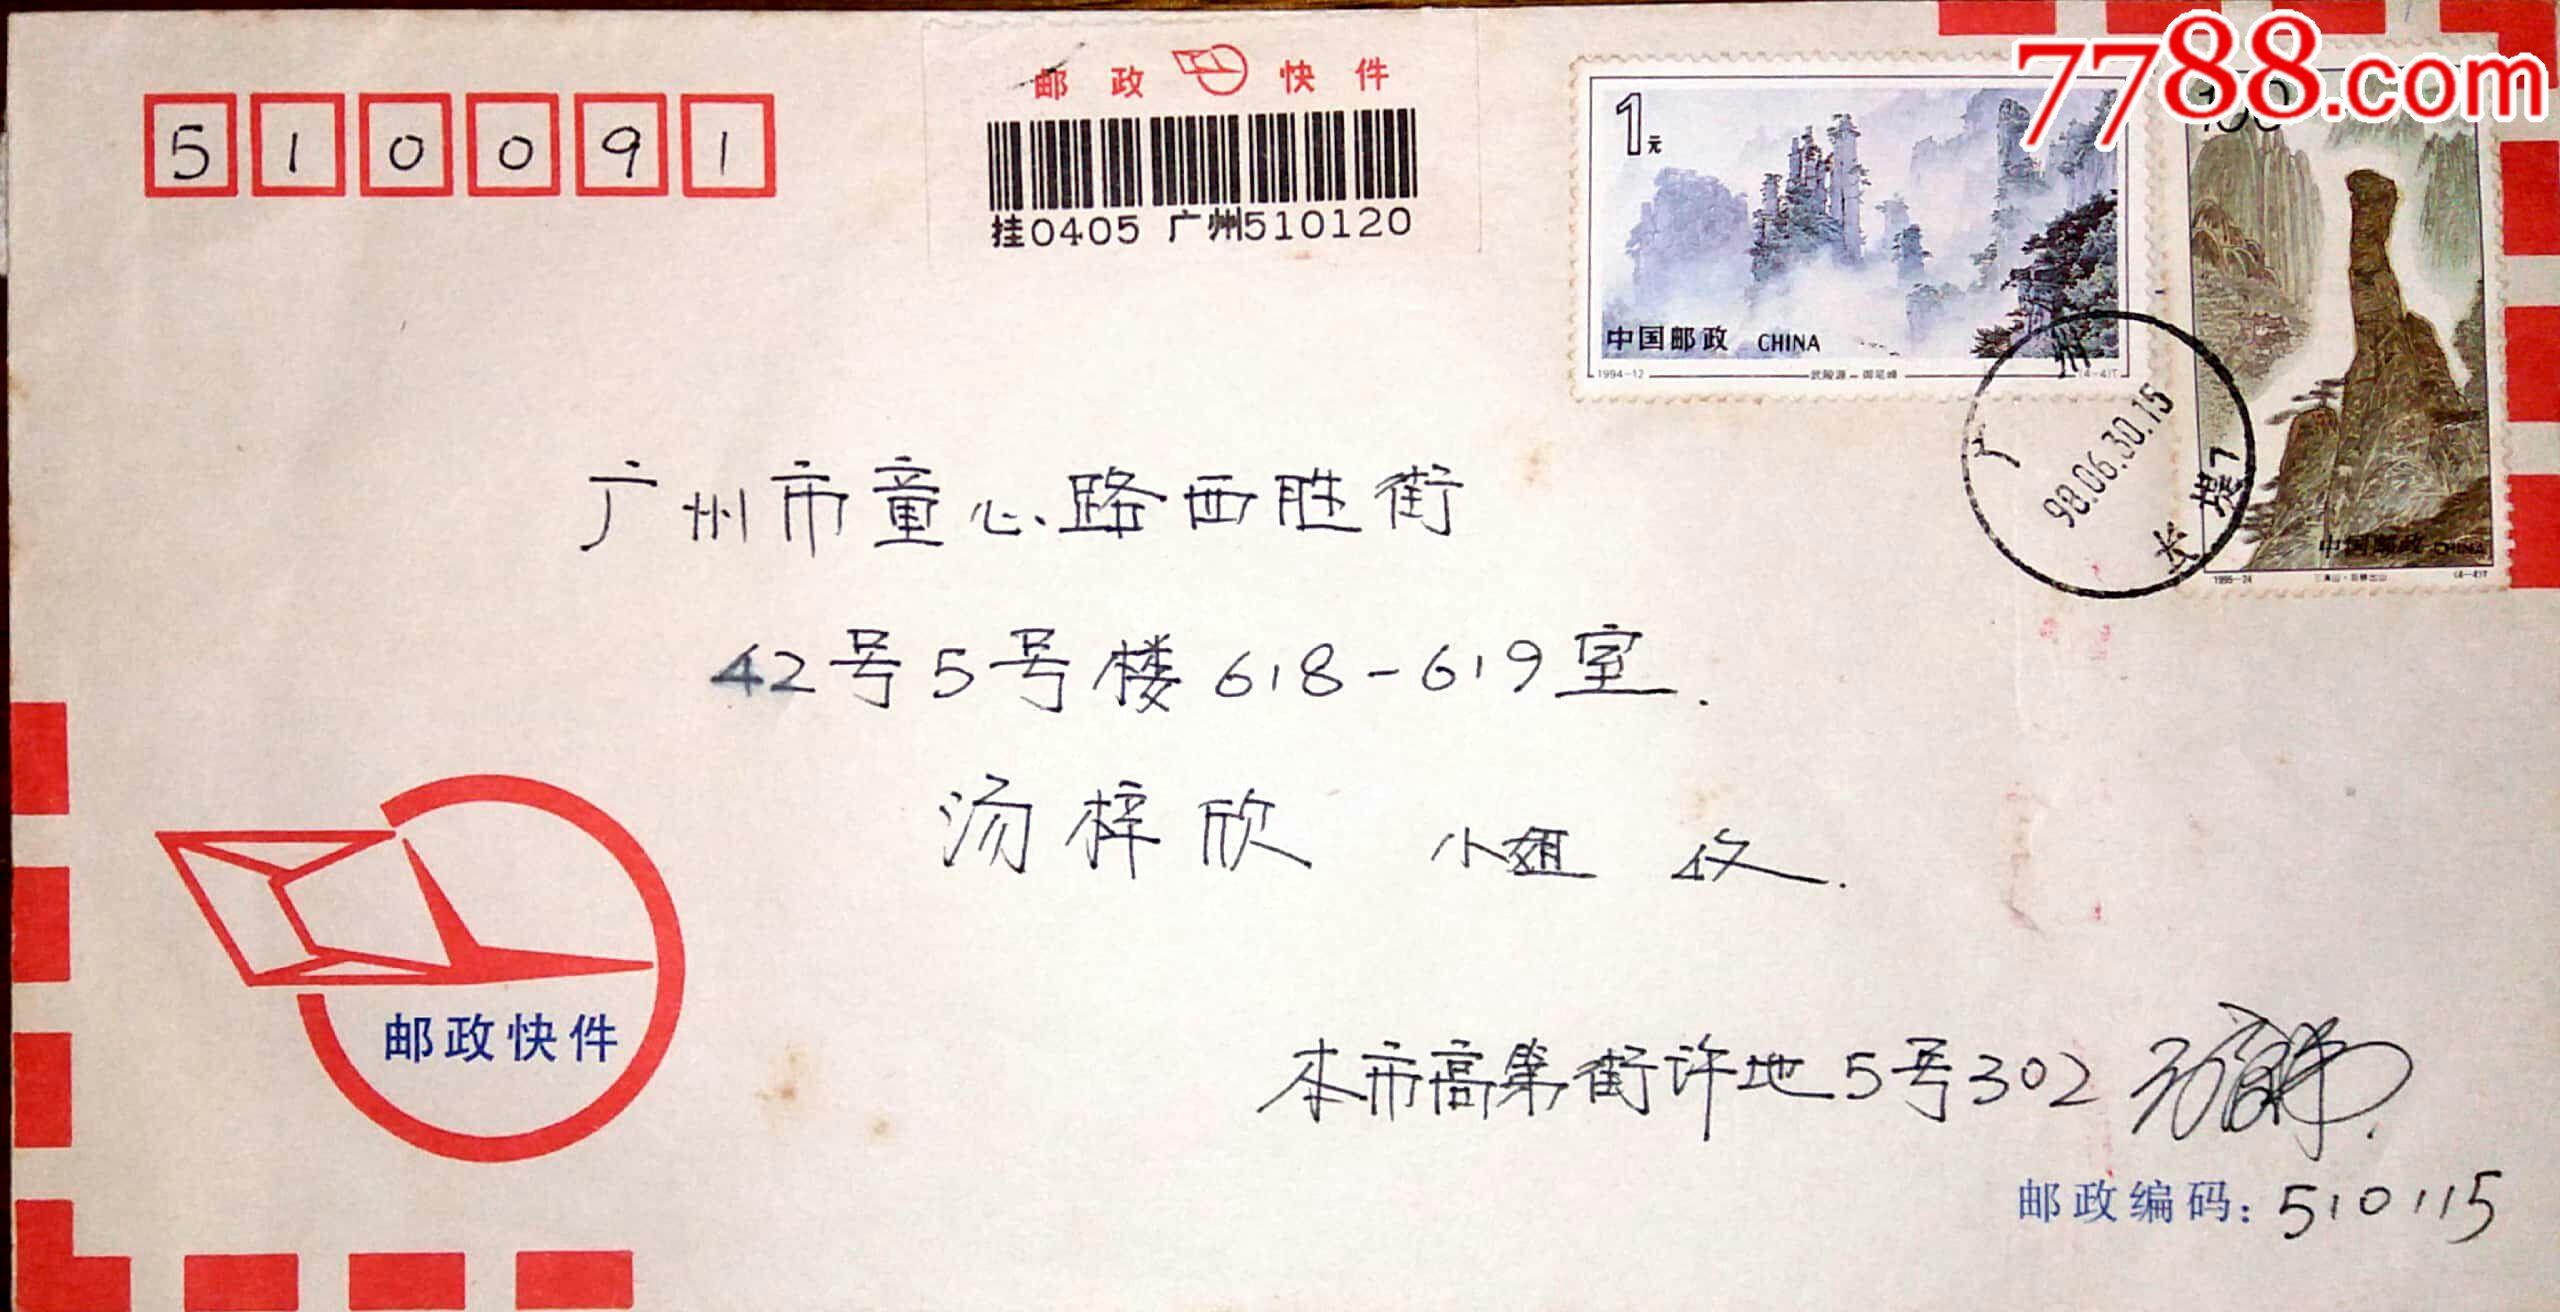 【1元起拍】1998年6月30日邮政快件停办尾日广州实寄封(带收据)(au21088940)_